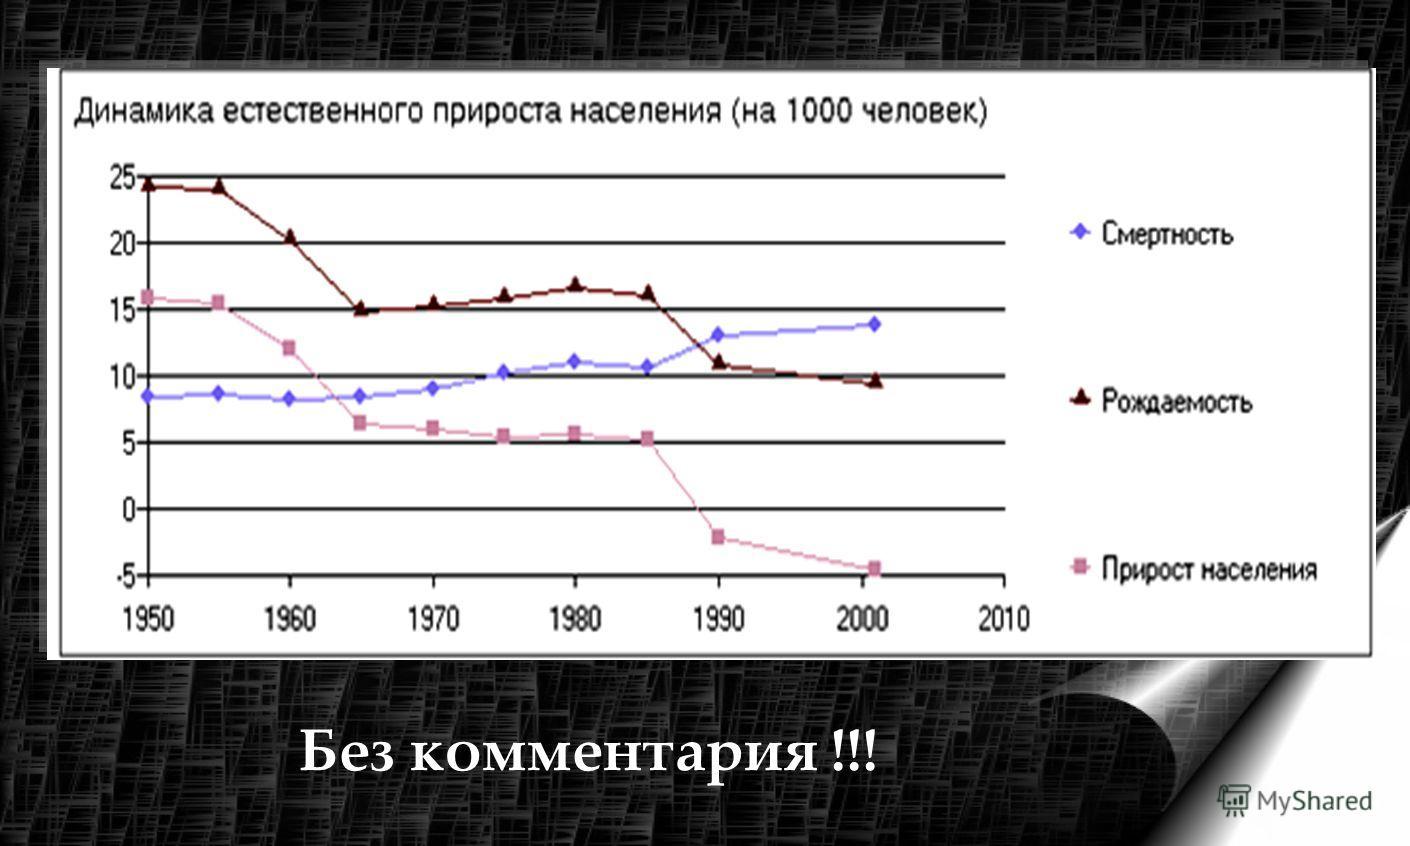 С 1950 по 2000 год в 7 раз увеличилась детская смертность.